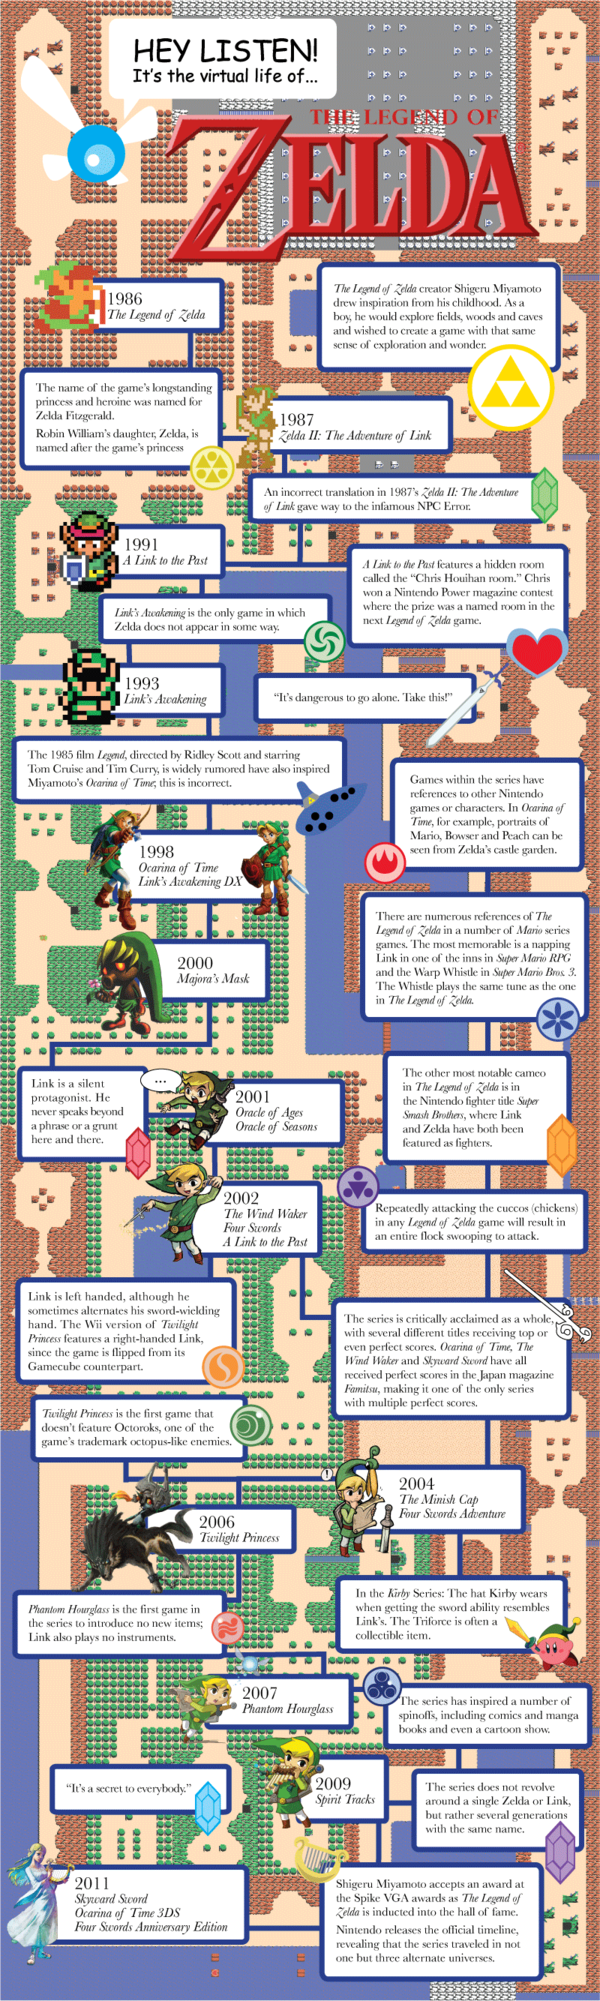 Zelda3.png